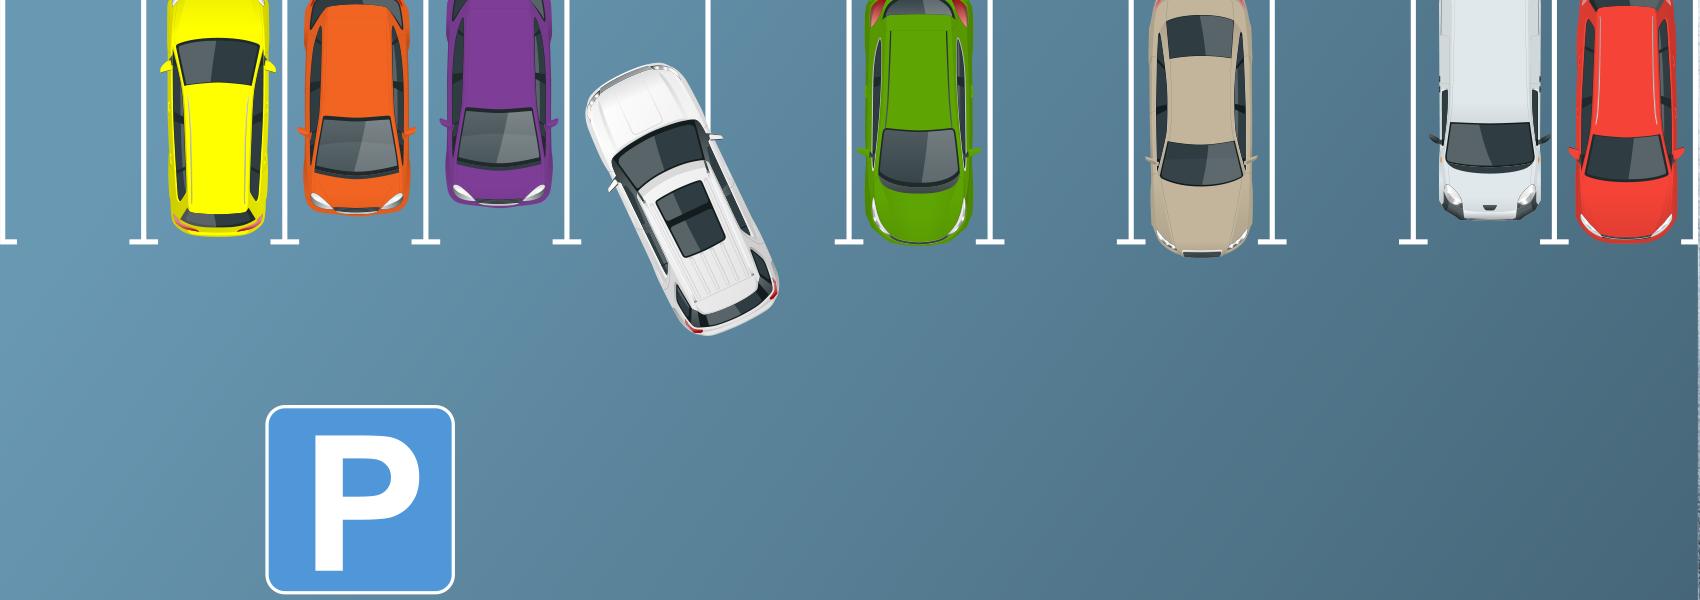 Gratis parkeren voor de deur!